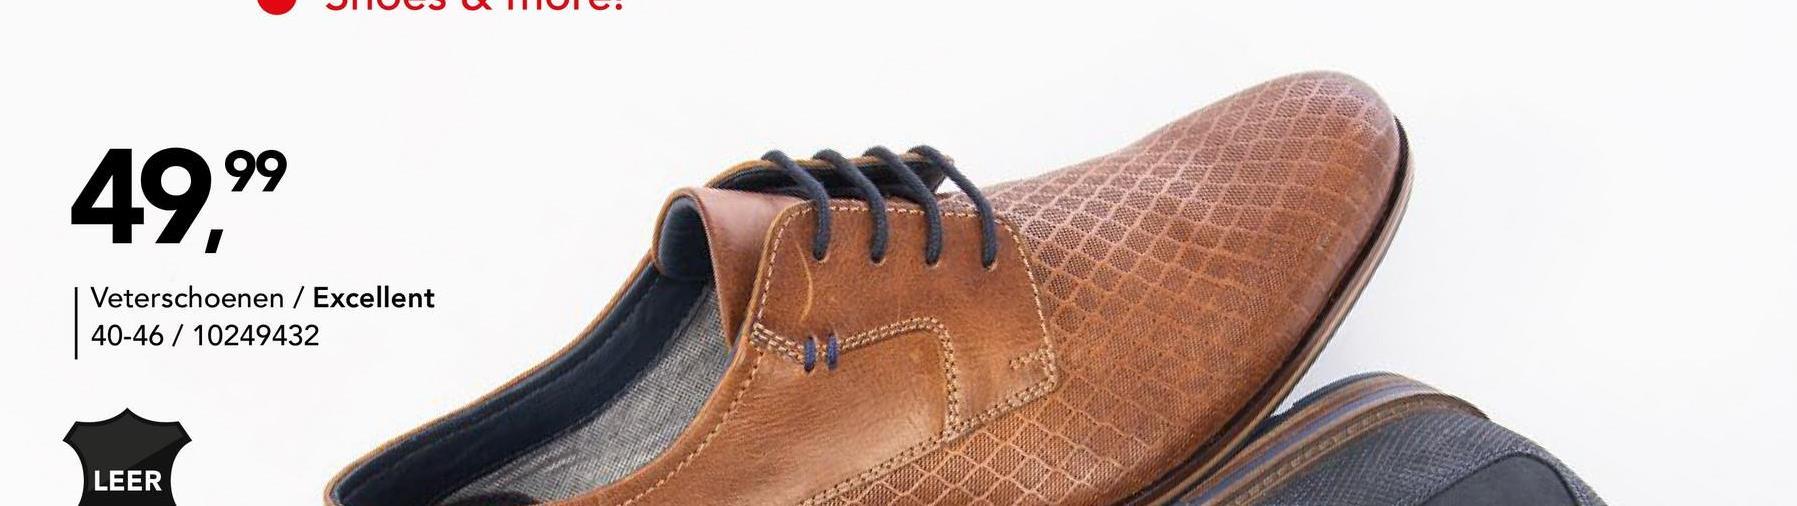 Leren veterschoen Excellent - Cognac - maat 40 - Heren   - Goedkope Geklede schoenen - Leer - Nette leren schoenen Nog op zoek naar een geklede veterschoen voor mannen? Kies dan zeker voor dit leren model met subtiele print van het merk Excellent.